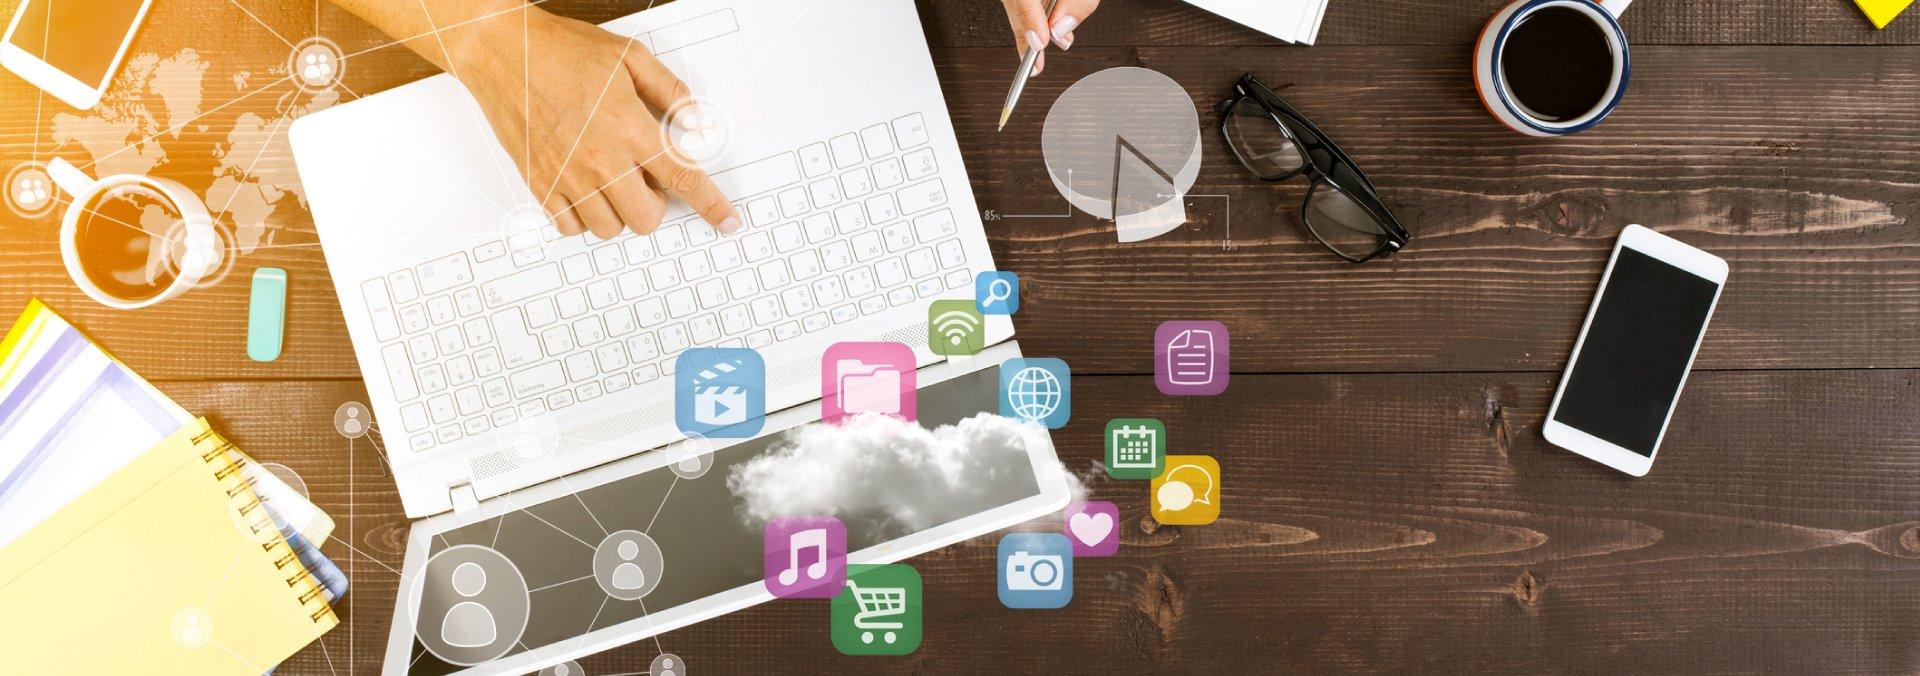 Online Networking Platform